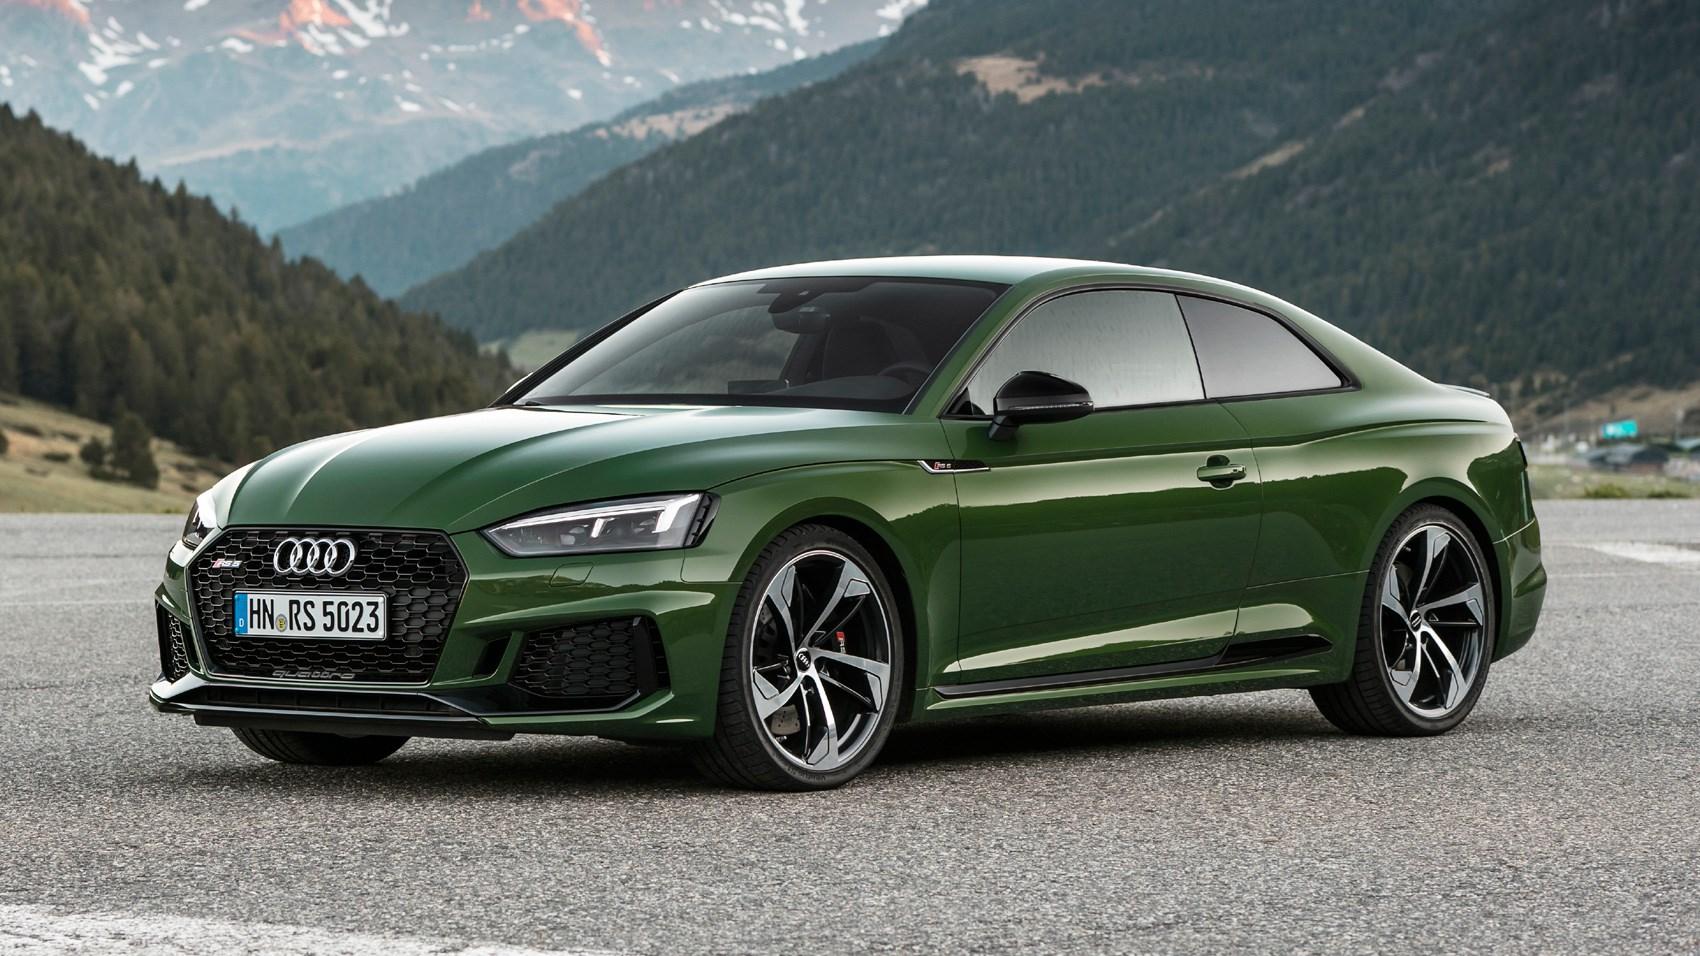 Kelebihan Kekurangan Audi R5 Spesifikasi